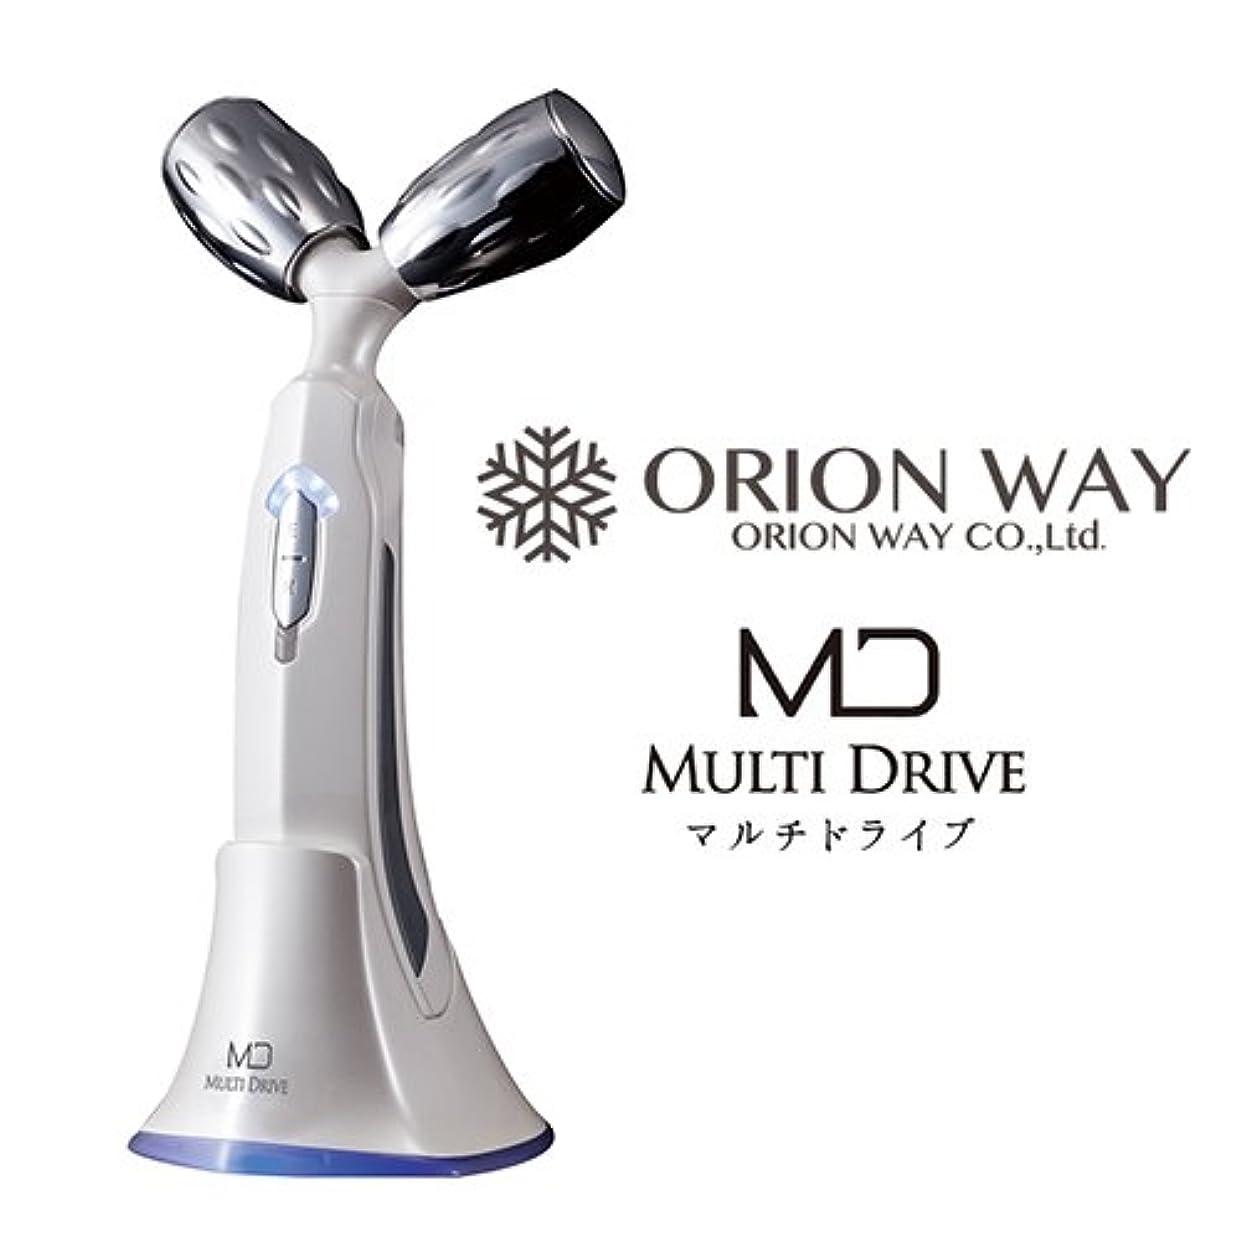 調整家シェトランド諸島美容機器 MULTI DRIVE (マルチドライブ)